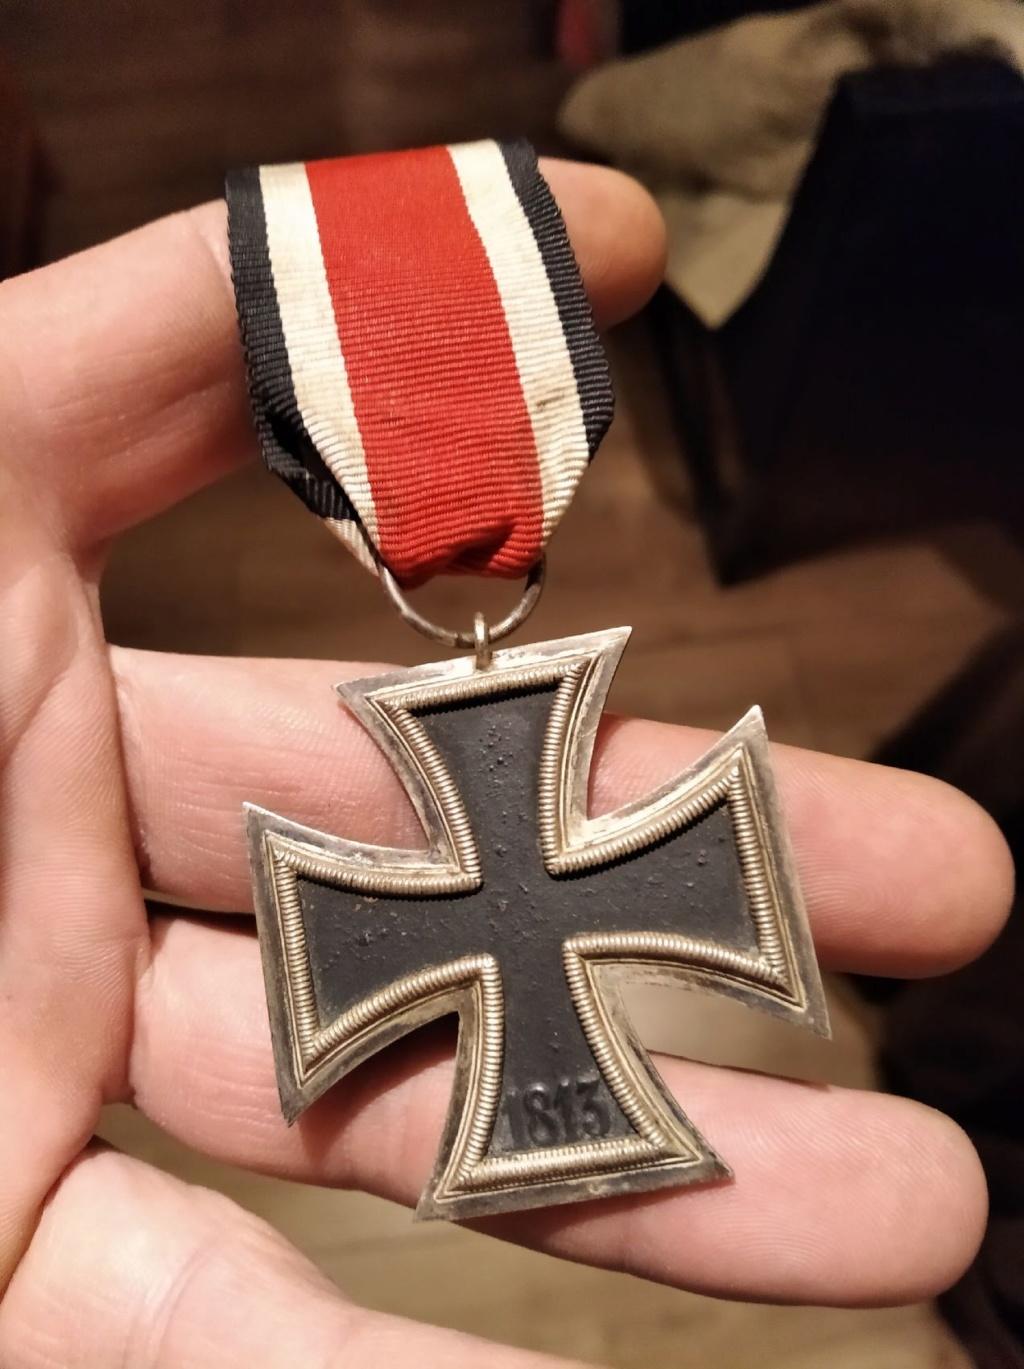 Authentification croix de fer ww2 Image_11